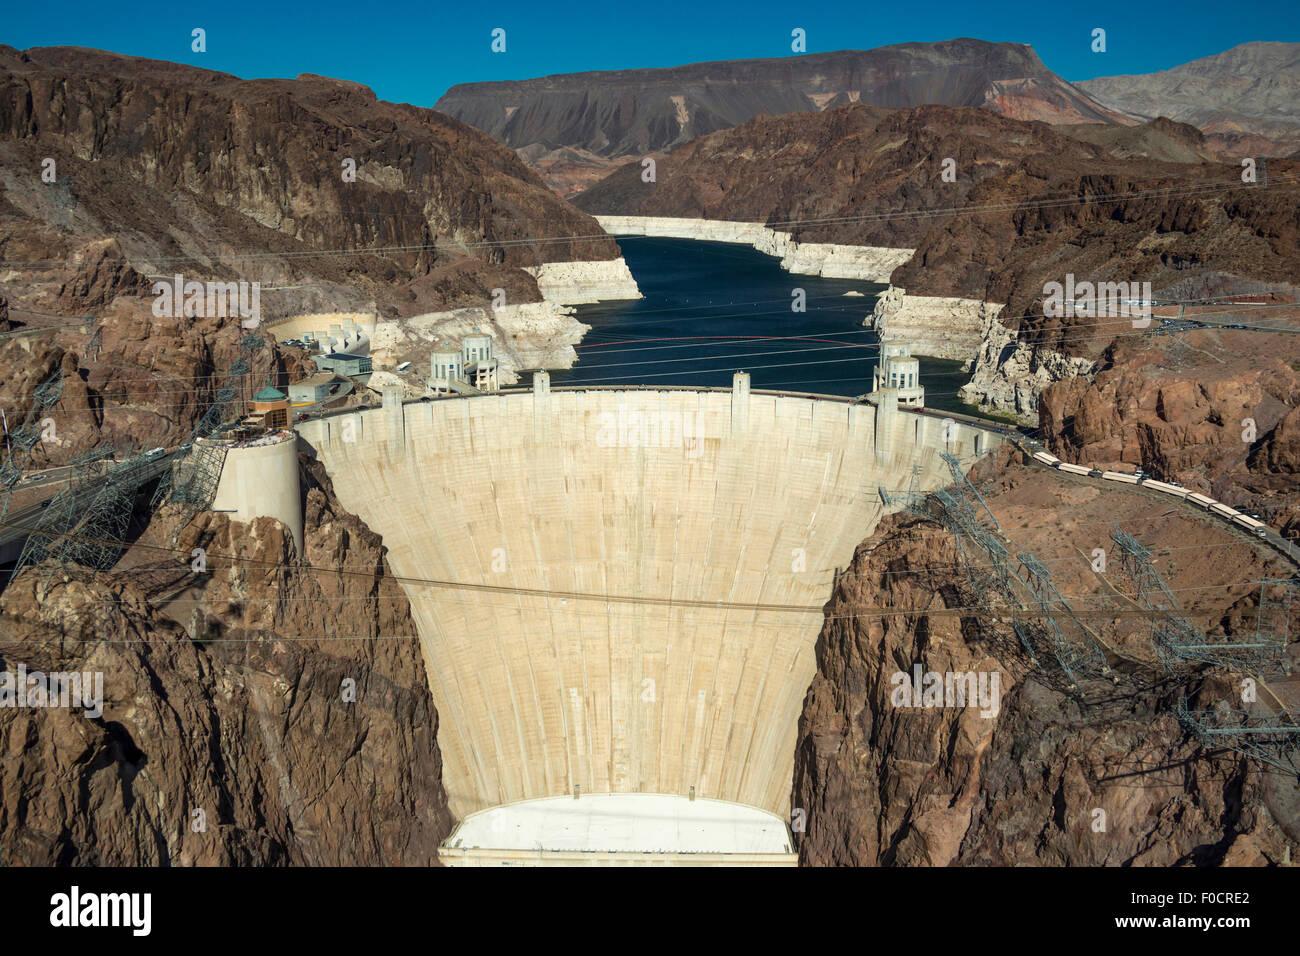 Drought Usa Stock Photos & Drought Usa Stock Images - Alamy